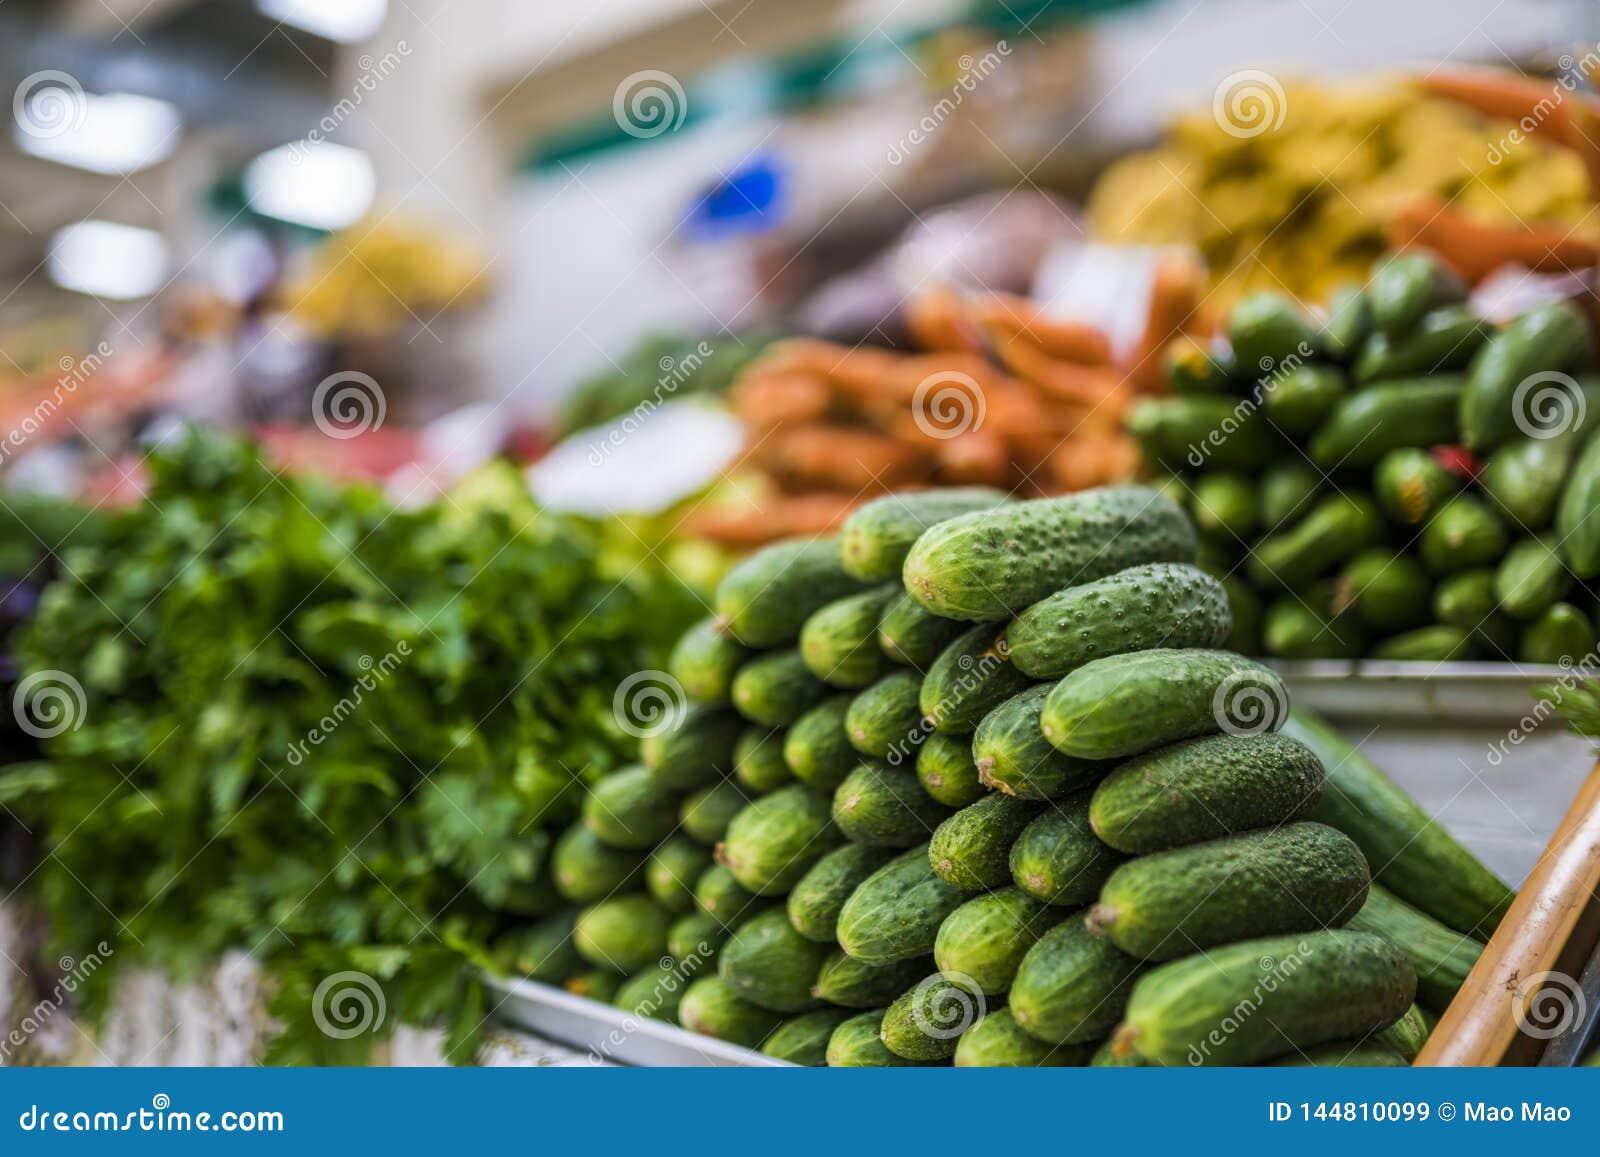 新鲜的水果和蔬菜大选择在市场上